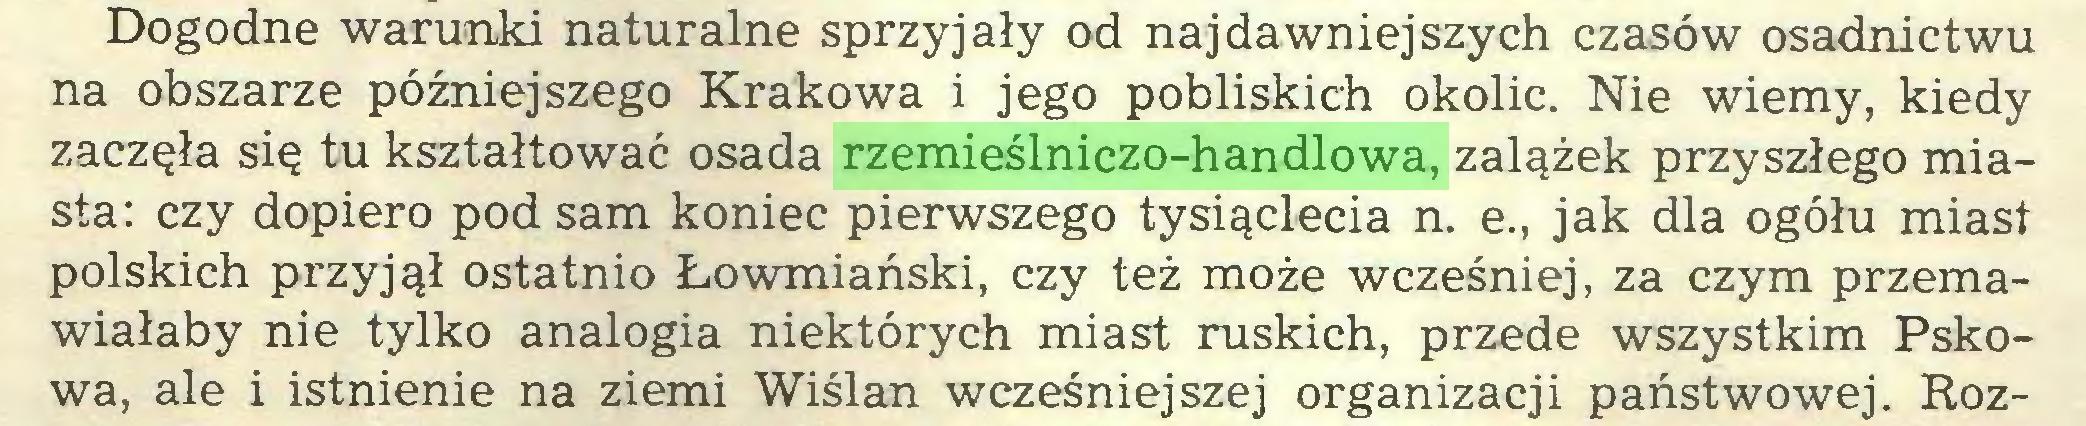 (...) Dogodne warunki naturalne sprzyjały od najdawniejszych czasów osadnictwu na obszarze późniejszego Krakowa i jego pobliskich okolic. Nie wiemy, kiedy zaczęła się tu kształtować osada rzemieślniczo-handlowa, zalążek przyszłego miasta: czy dopiero pod sam koniec pierwszego tysiąclecia n. e., jak dla ogółu miast polskich przyjął ostatnio Łowmiański, czy też może wcześniej, za czym przemawiałaby nie tylko analogia niektórych miast ruskich, przede wszystkim Pskowa, ale i istnienie na ziemi Wiślan wcześniejszej organizacji państwowej. Roz...